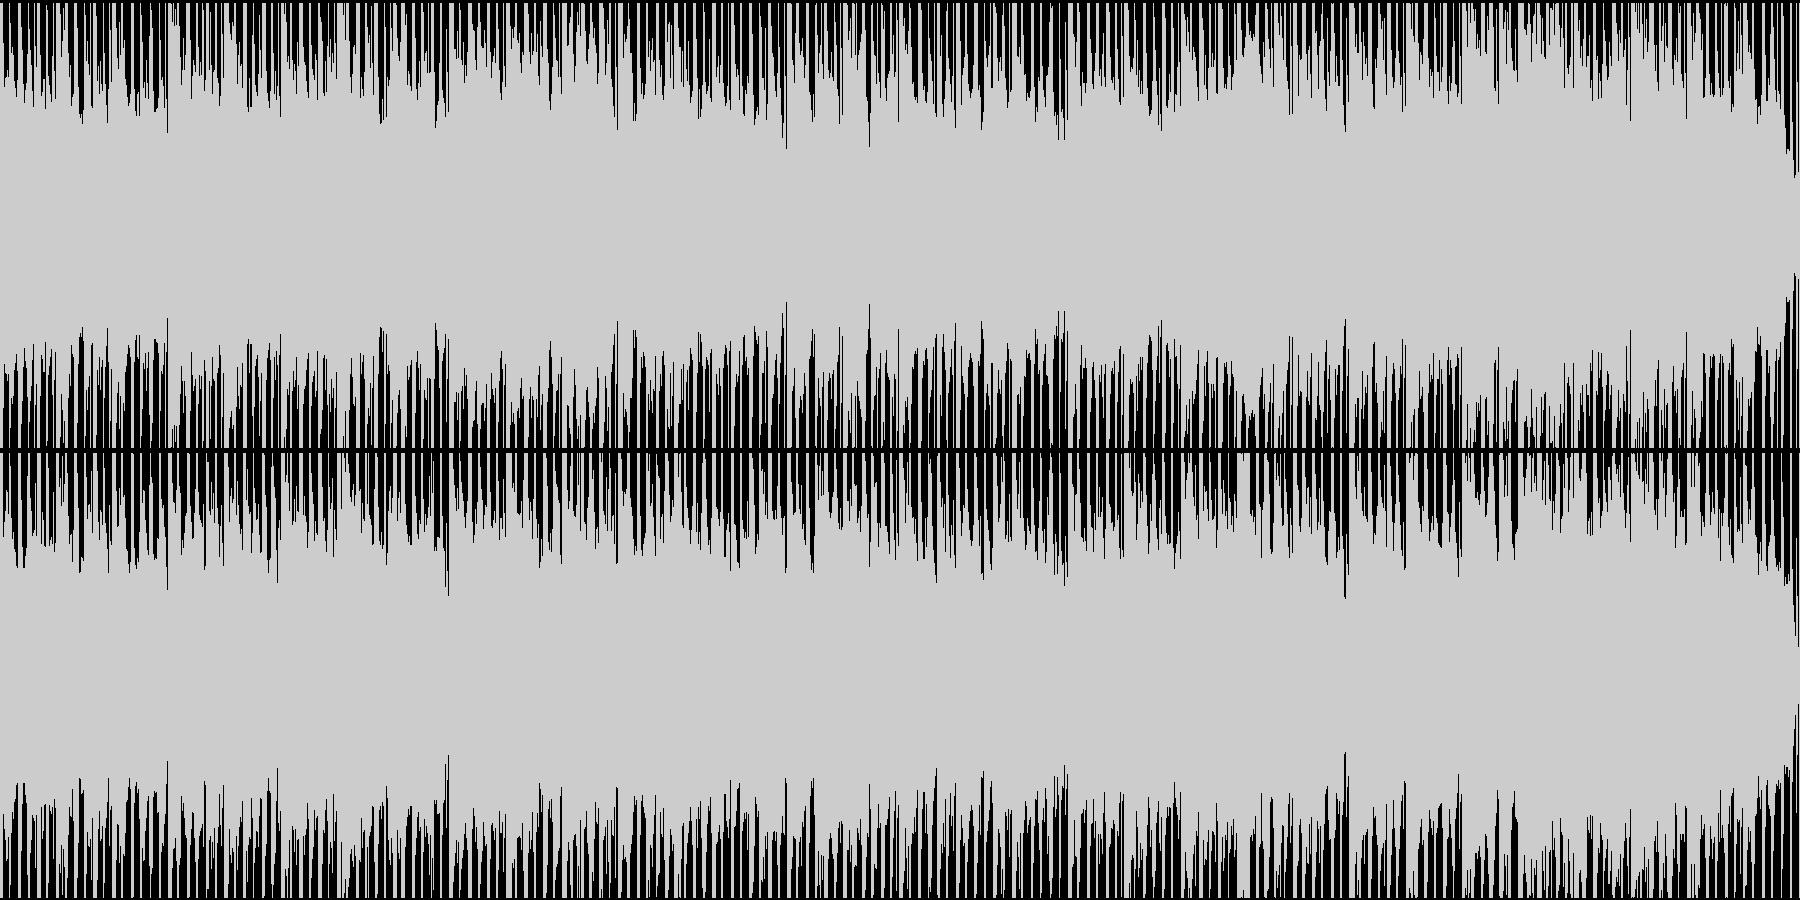 ドキュメンタリーやさしい曲2 ハウス風の未再生の波形